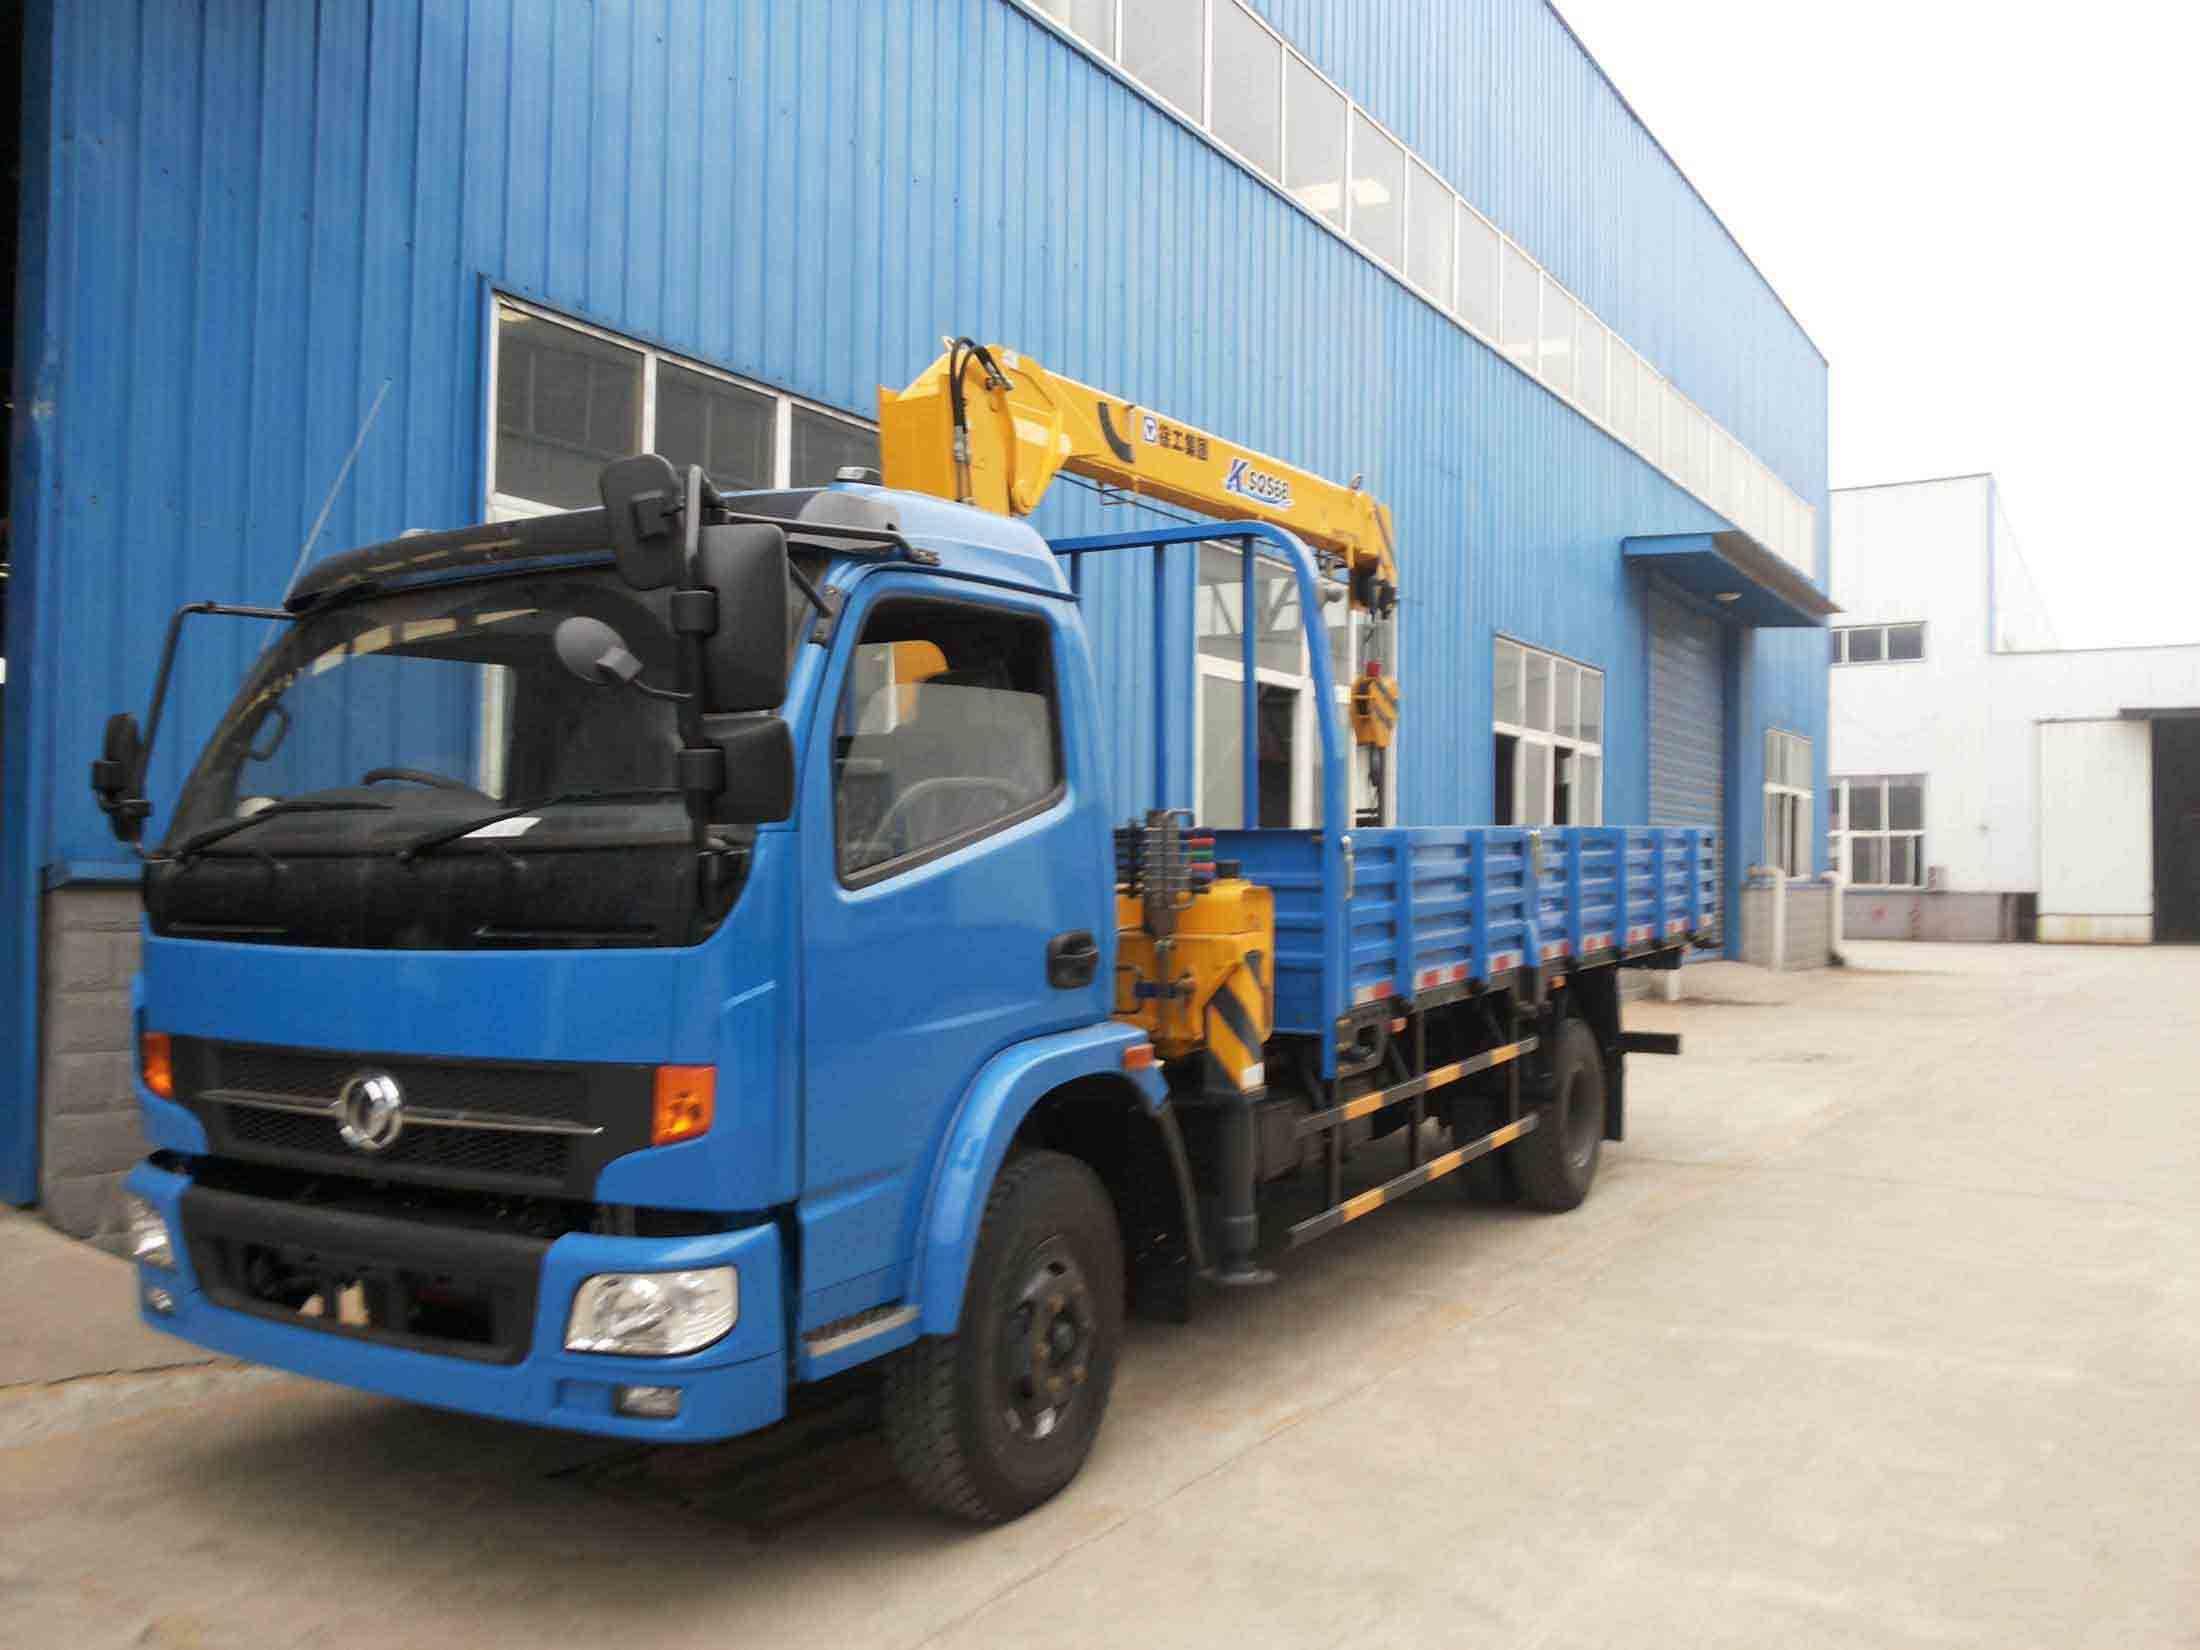 Dfac Crane Truck Captain C C92-991 Zz3167m4327A